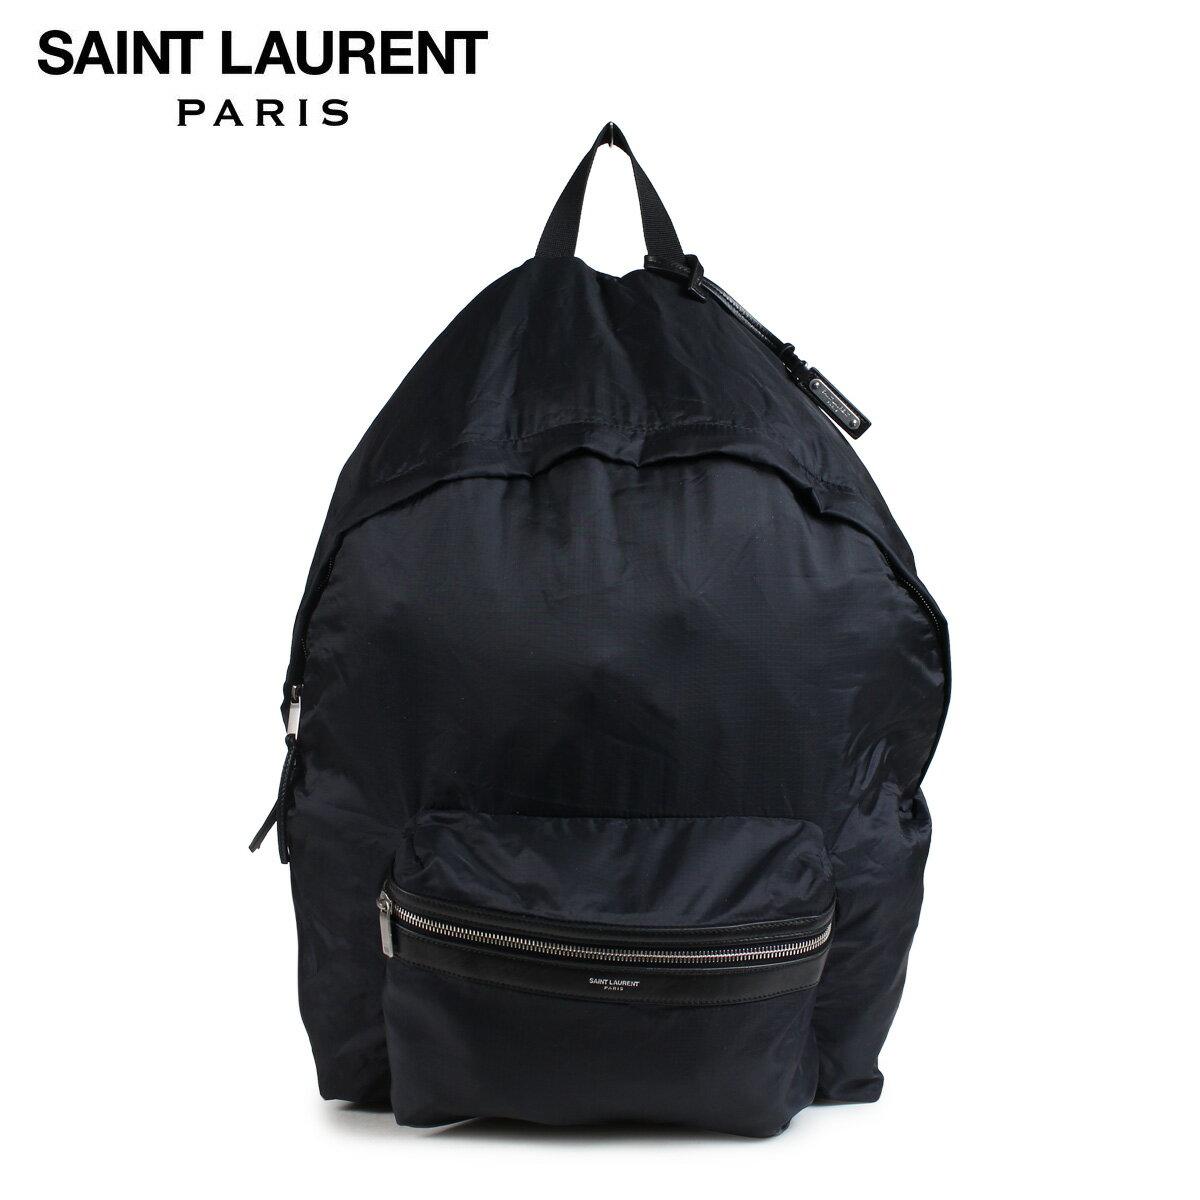 男女兼用バッグ, バックパック・リュック SAINT LAURENT PARIS DOUBLE TOP ZIP BACKPACK 524903 9RP1E